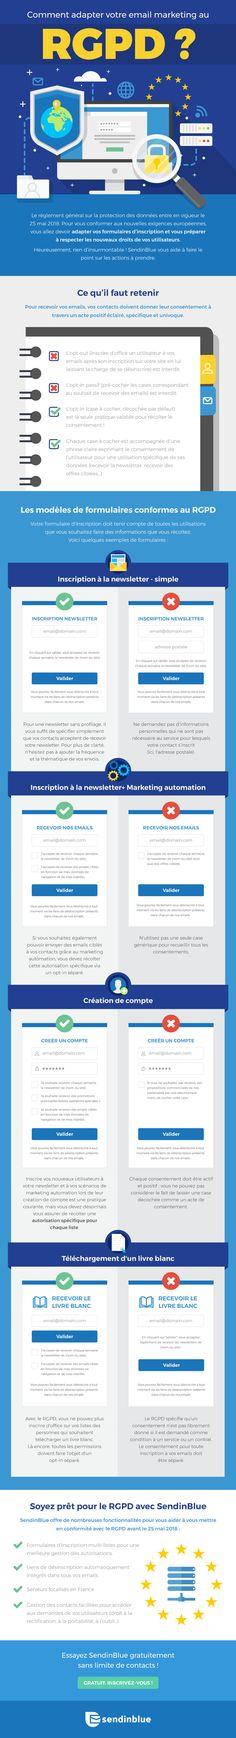 Infographie  Comment rendre RGPD et email compatibles     Comarketing-News   audreytips 1efd4c52e697